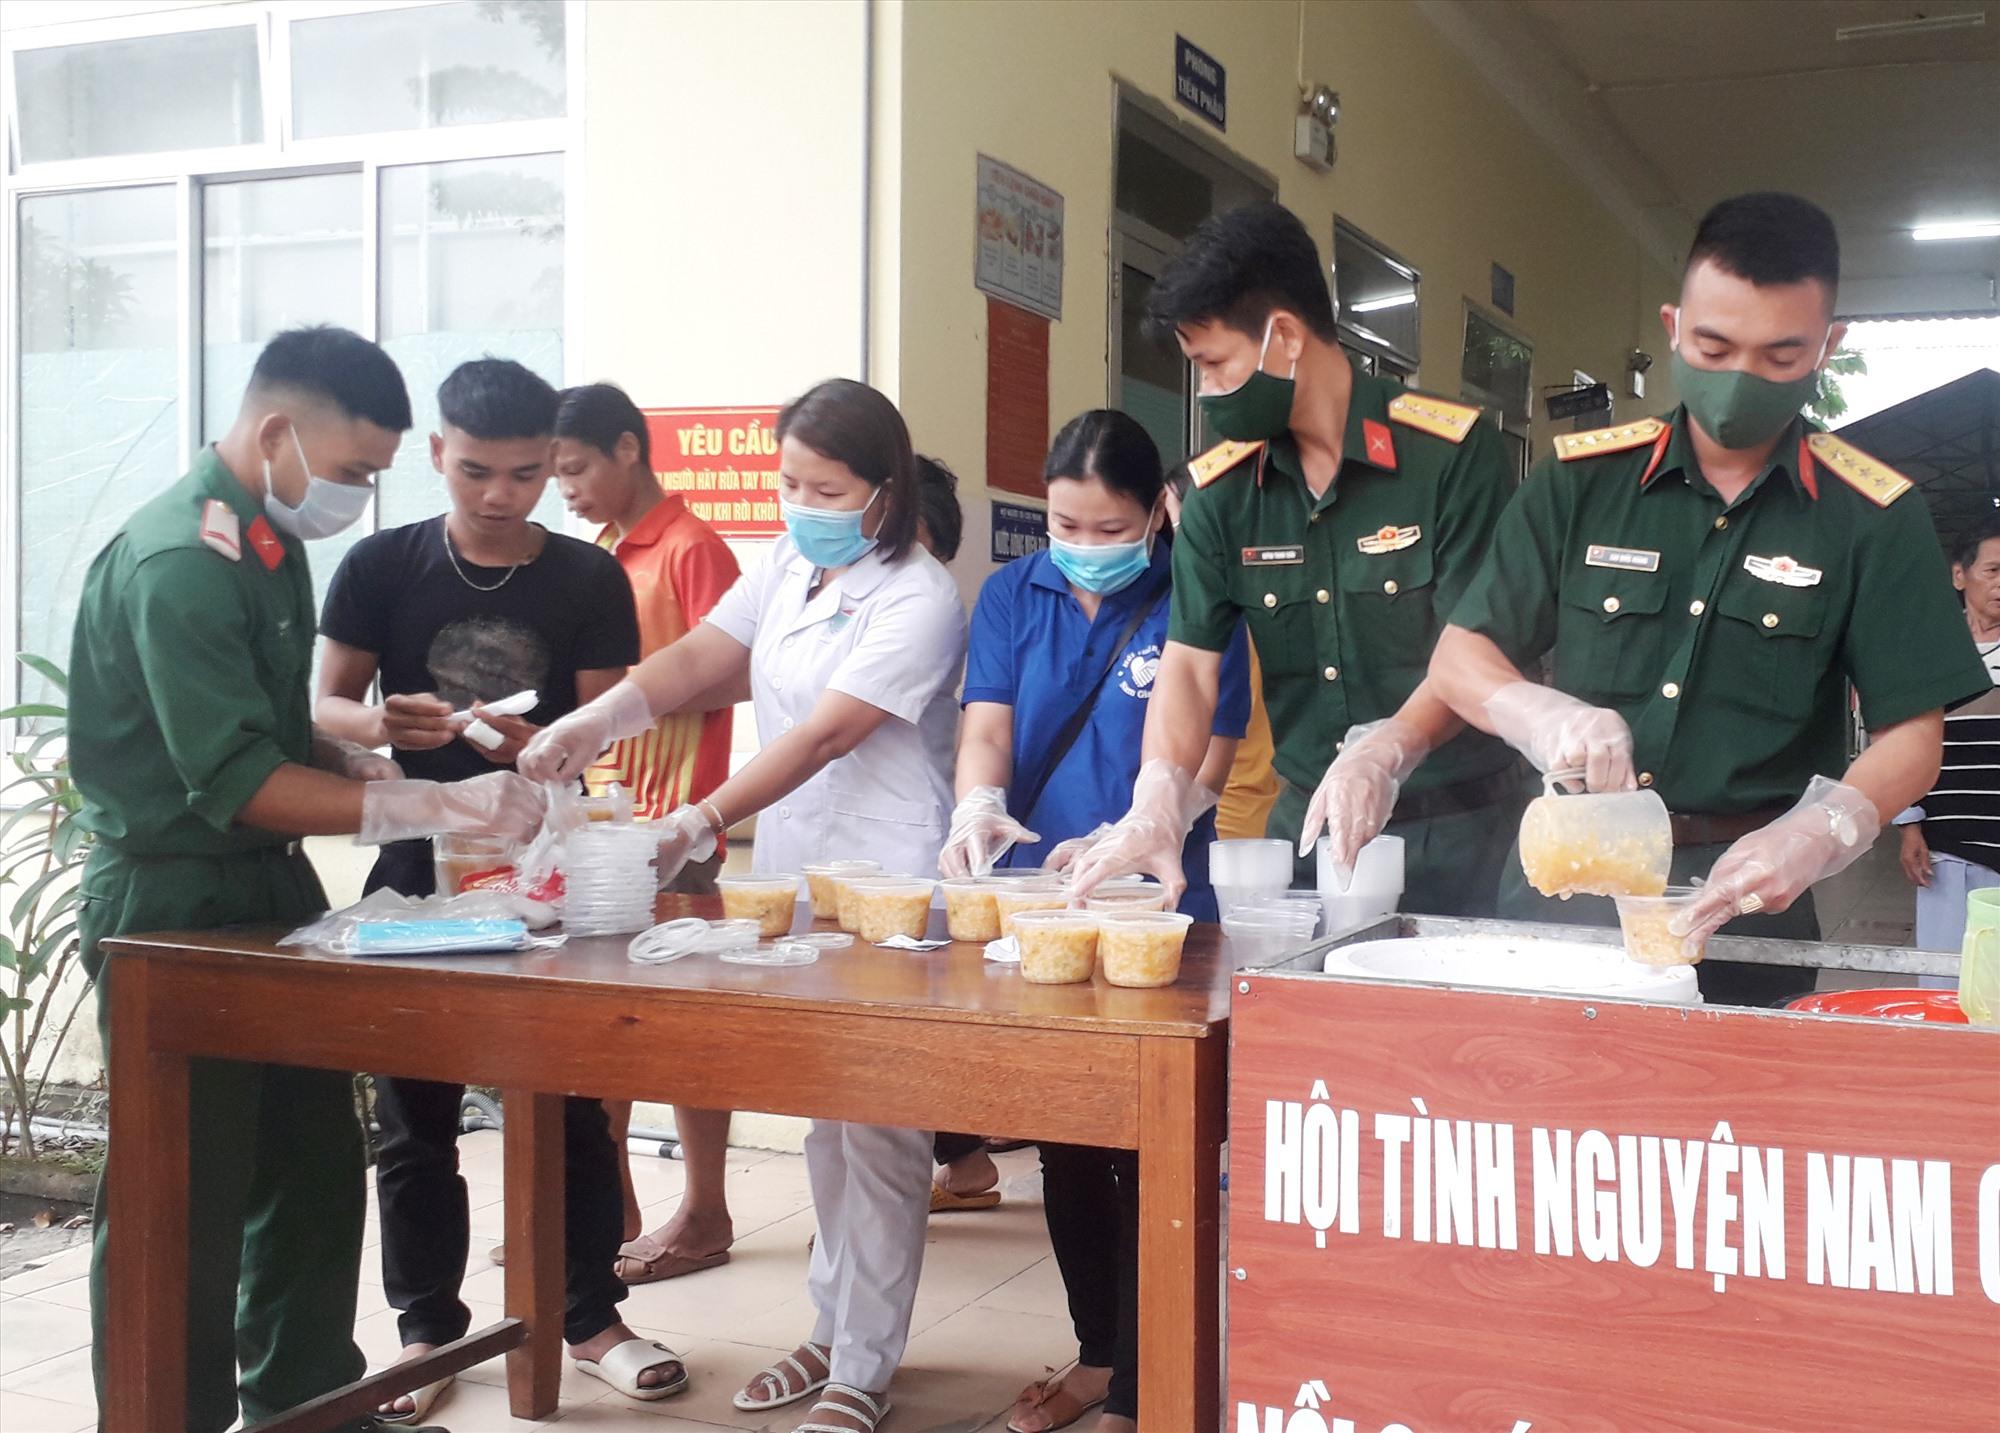 Đoàn viên thanh niên Chi đoàn Cơ quan quân sự huyện Nam Giang chuẩn bị cháo phát cho bệnh nhân. Ảnh: V.T